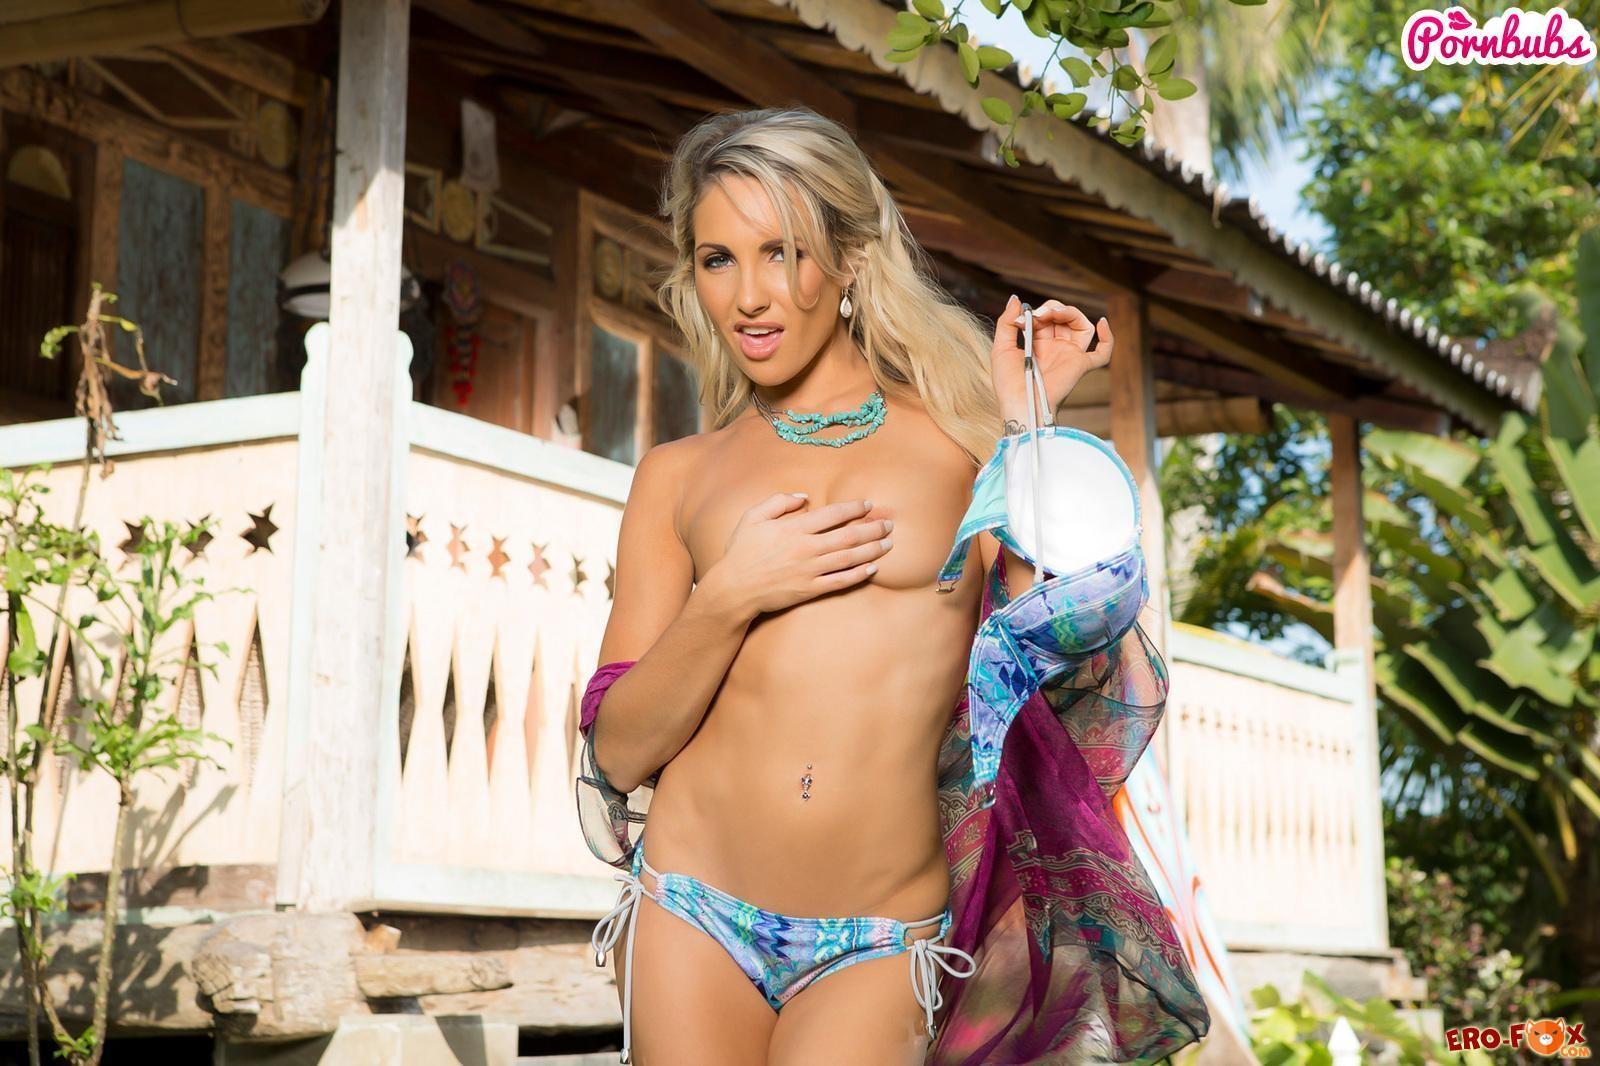 Страстная блондинка с голой грудью оттягивает трусы и демонстрирует свою мокрую писю  эротика